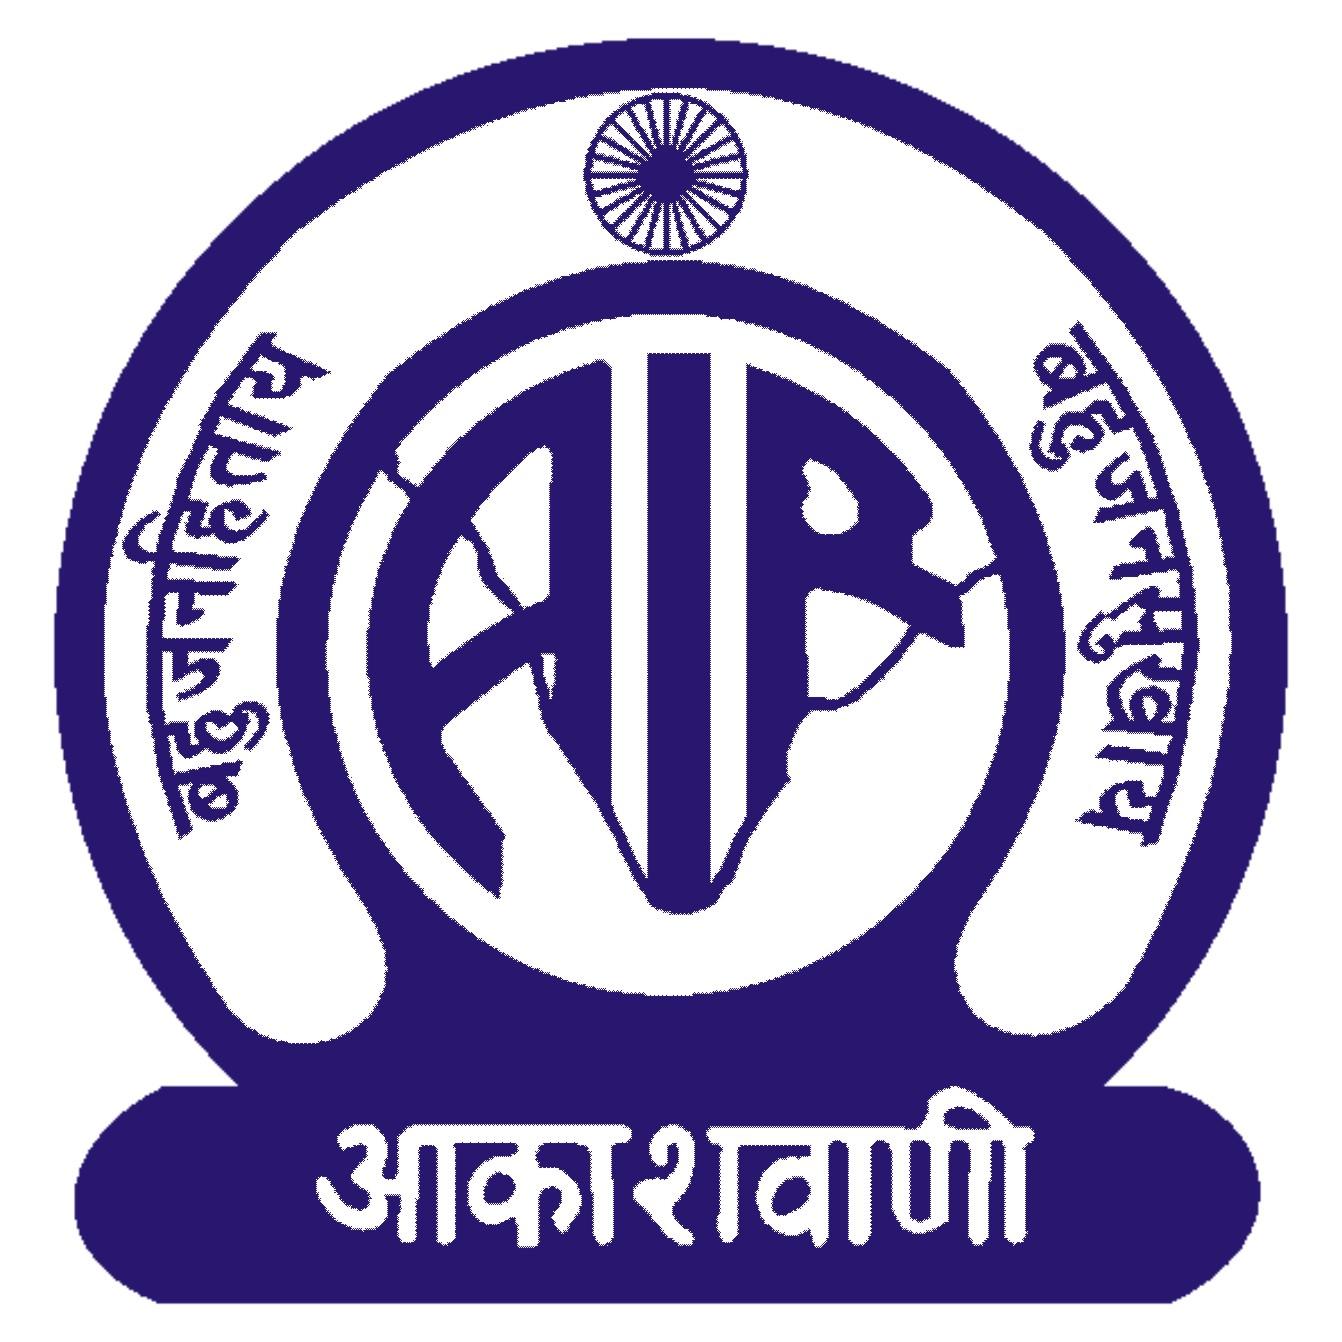 http://1.bp.blogspot.com/-lNHJ2rcqz9U/TuN940CITQI/AAAAAAAADpA/XhaAbi2EFh4/s1600/all-india-radio-logo.jpg